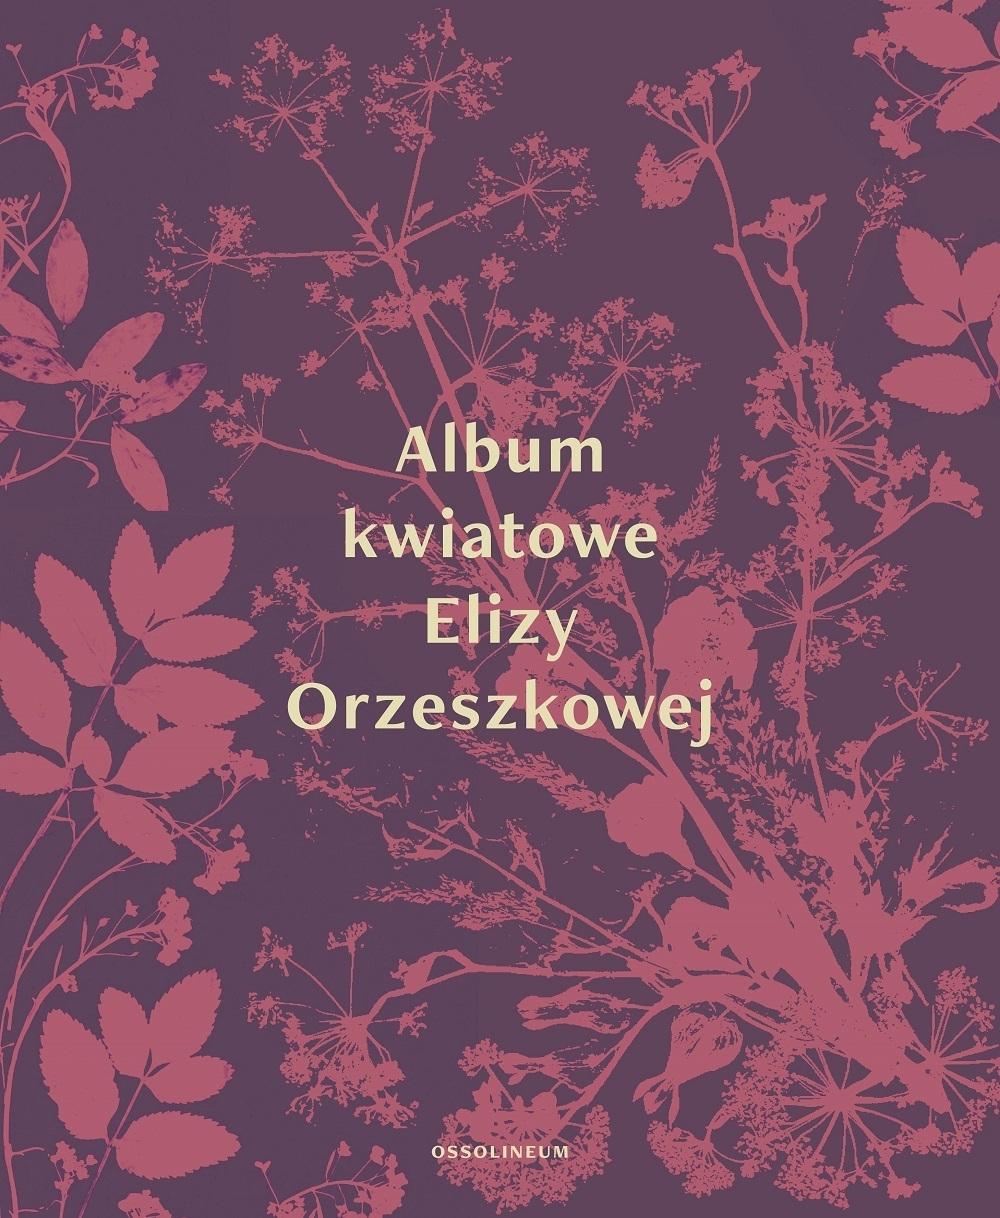 """Eliza Orzeszkowa, """"Album kwiatowe"""", wyd. Ossolineum (źródło: materiały prasowe wydawnictwa)"""